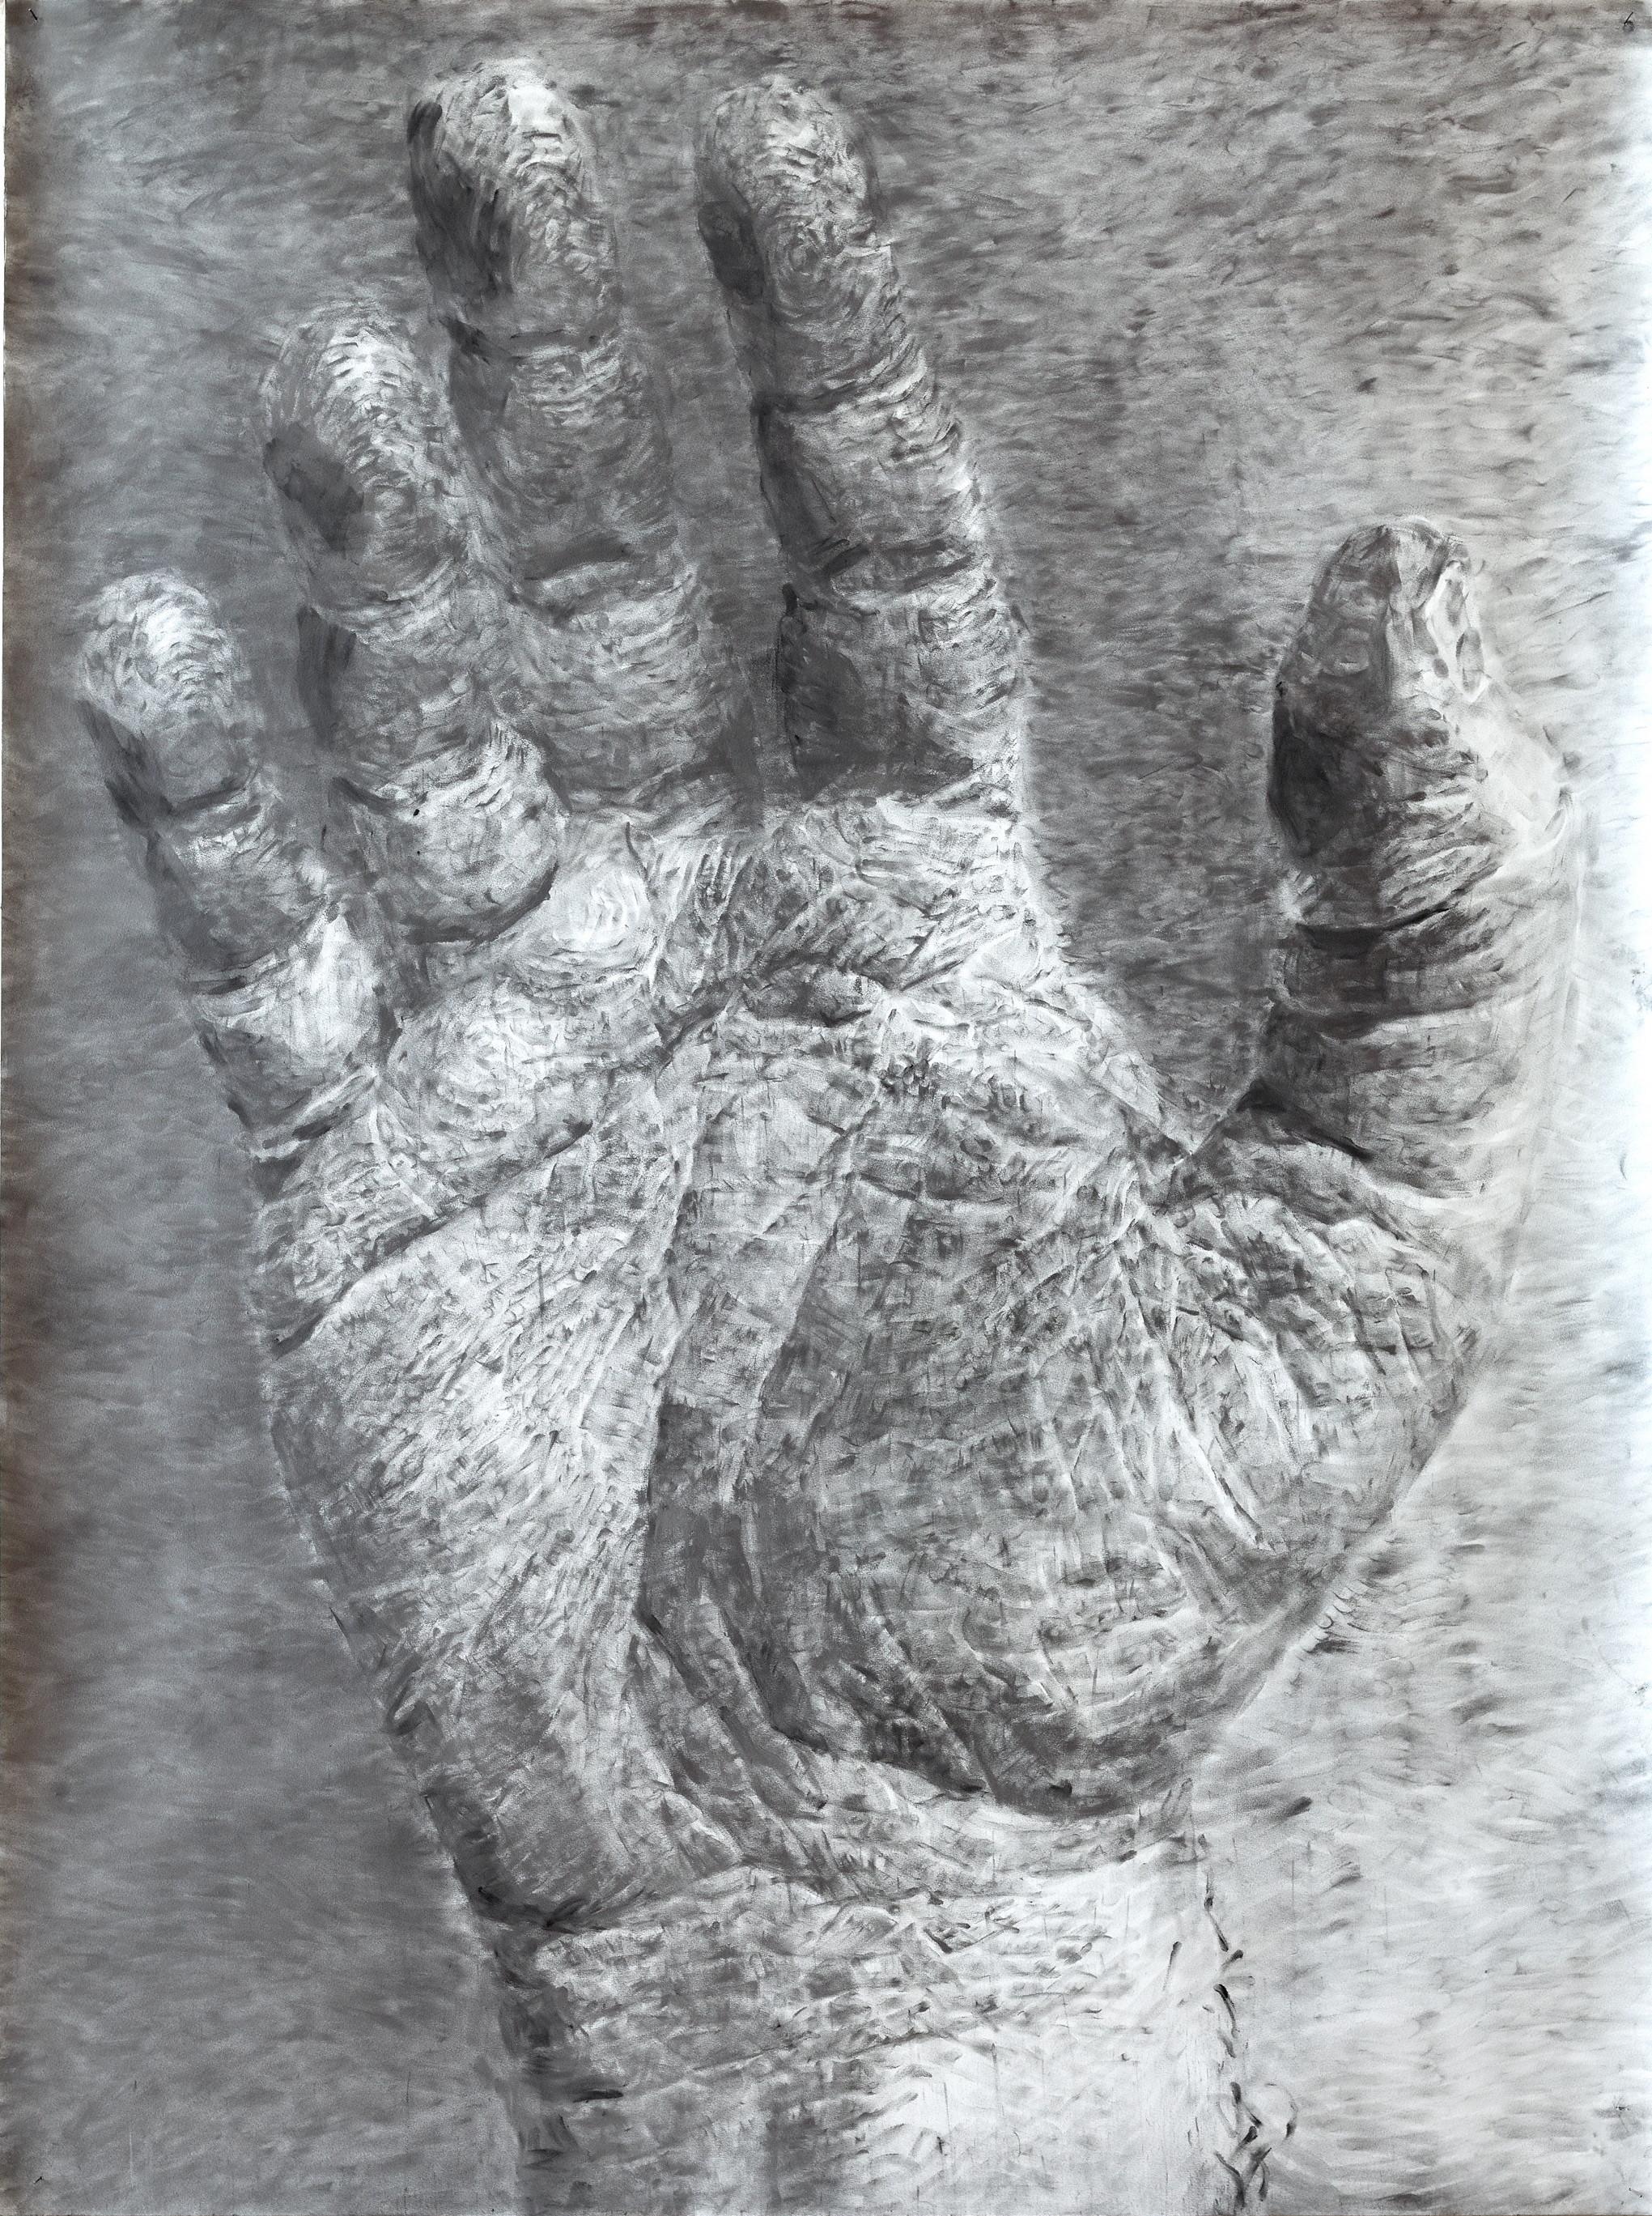 """Jérôme Zonder, """"Portrait de main 1"""", charcoal powder and graphite powder on paper, 200x150 cm, 2018. Courtesy de l'artiste et de la Galerie Nathalie Obadia, Paris/Bruxelles. Crédit photo / Marc Domage"""